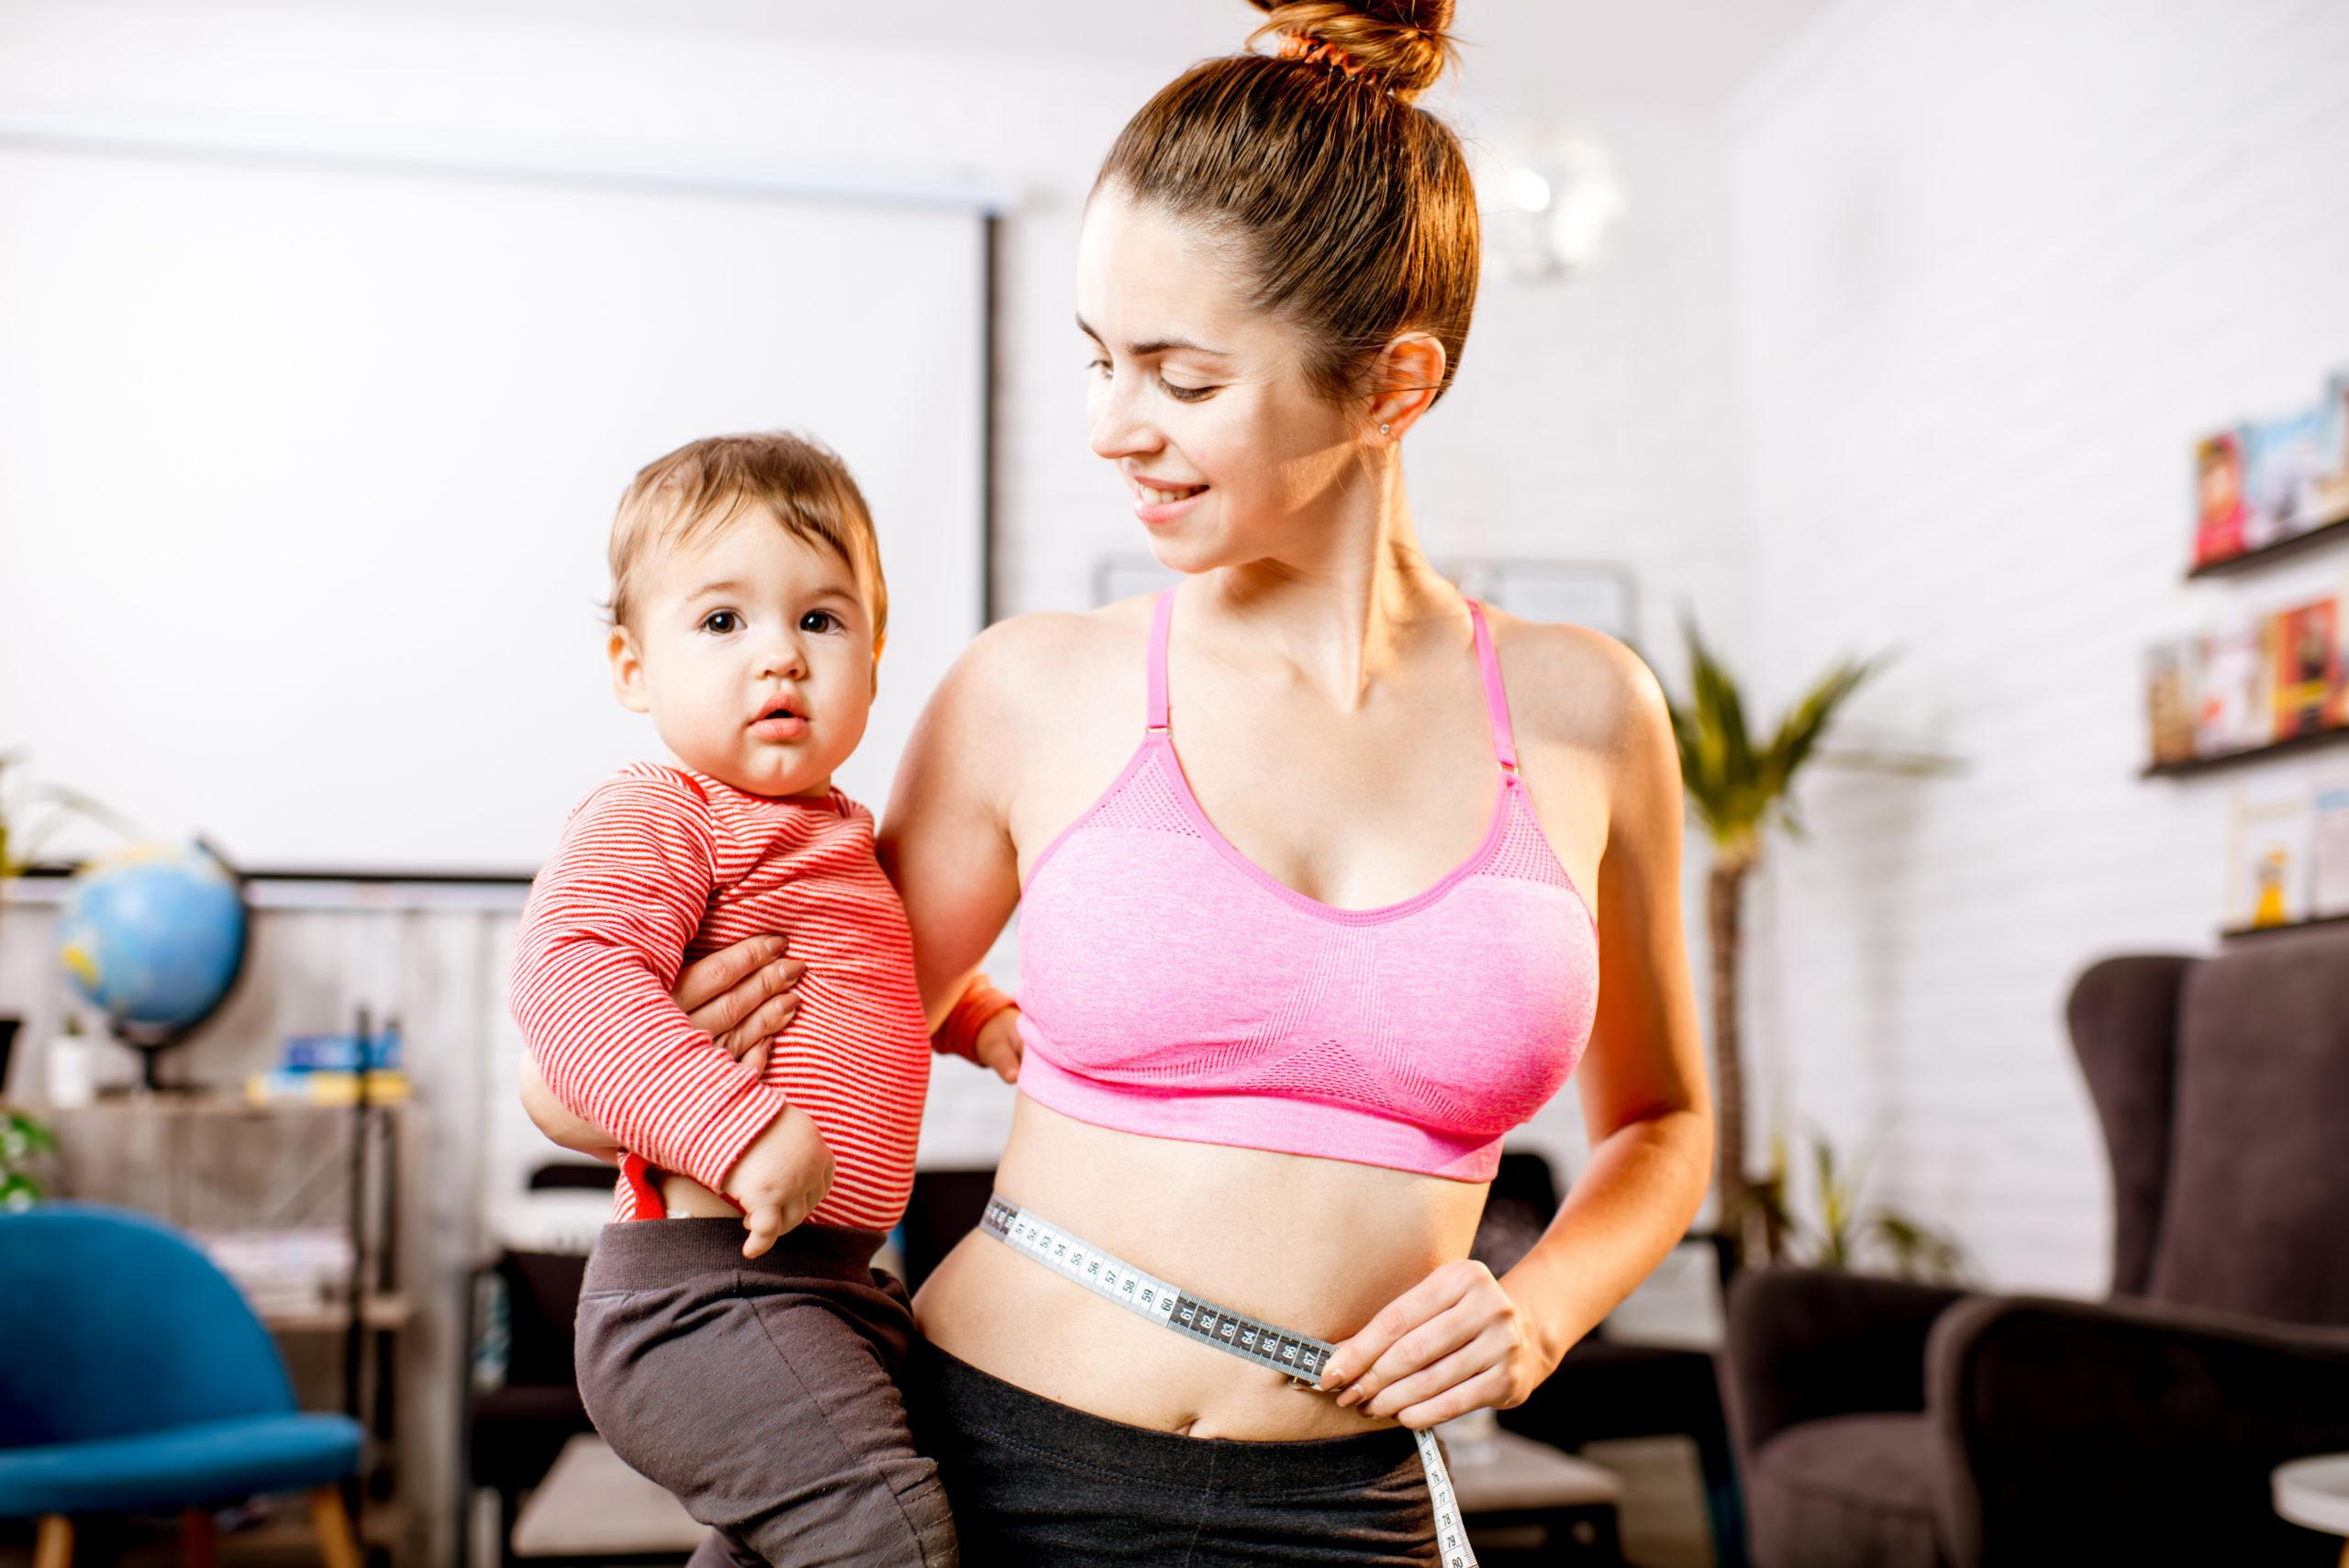 Как похудеть при грудном вскармливании — меню на неделю и рецепты блюд. упражнения для похудения при грудном вскармливании, видео | | красота и питание - все о зож